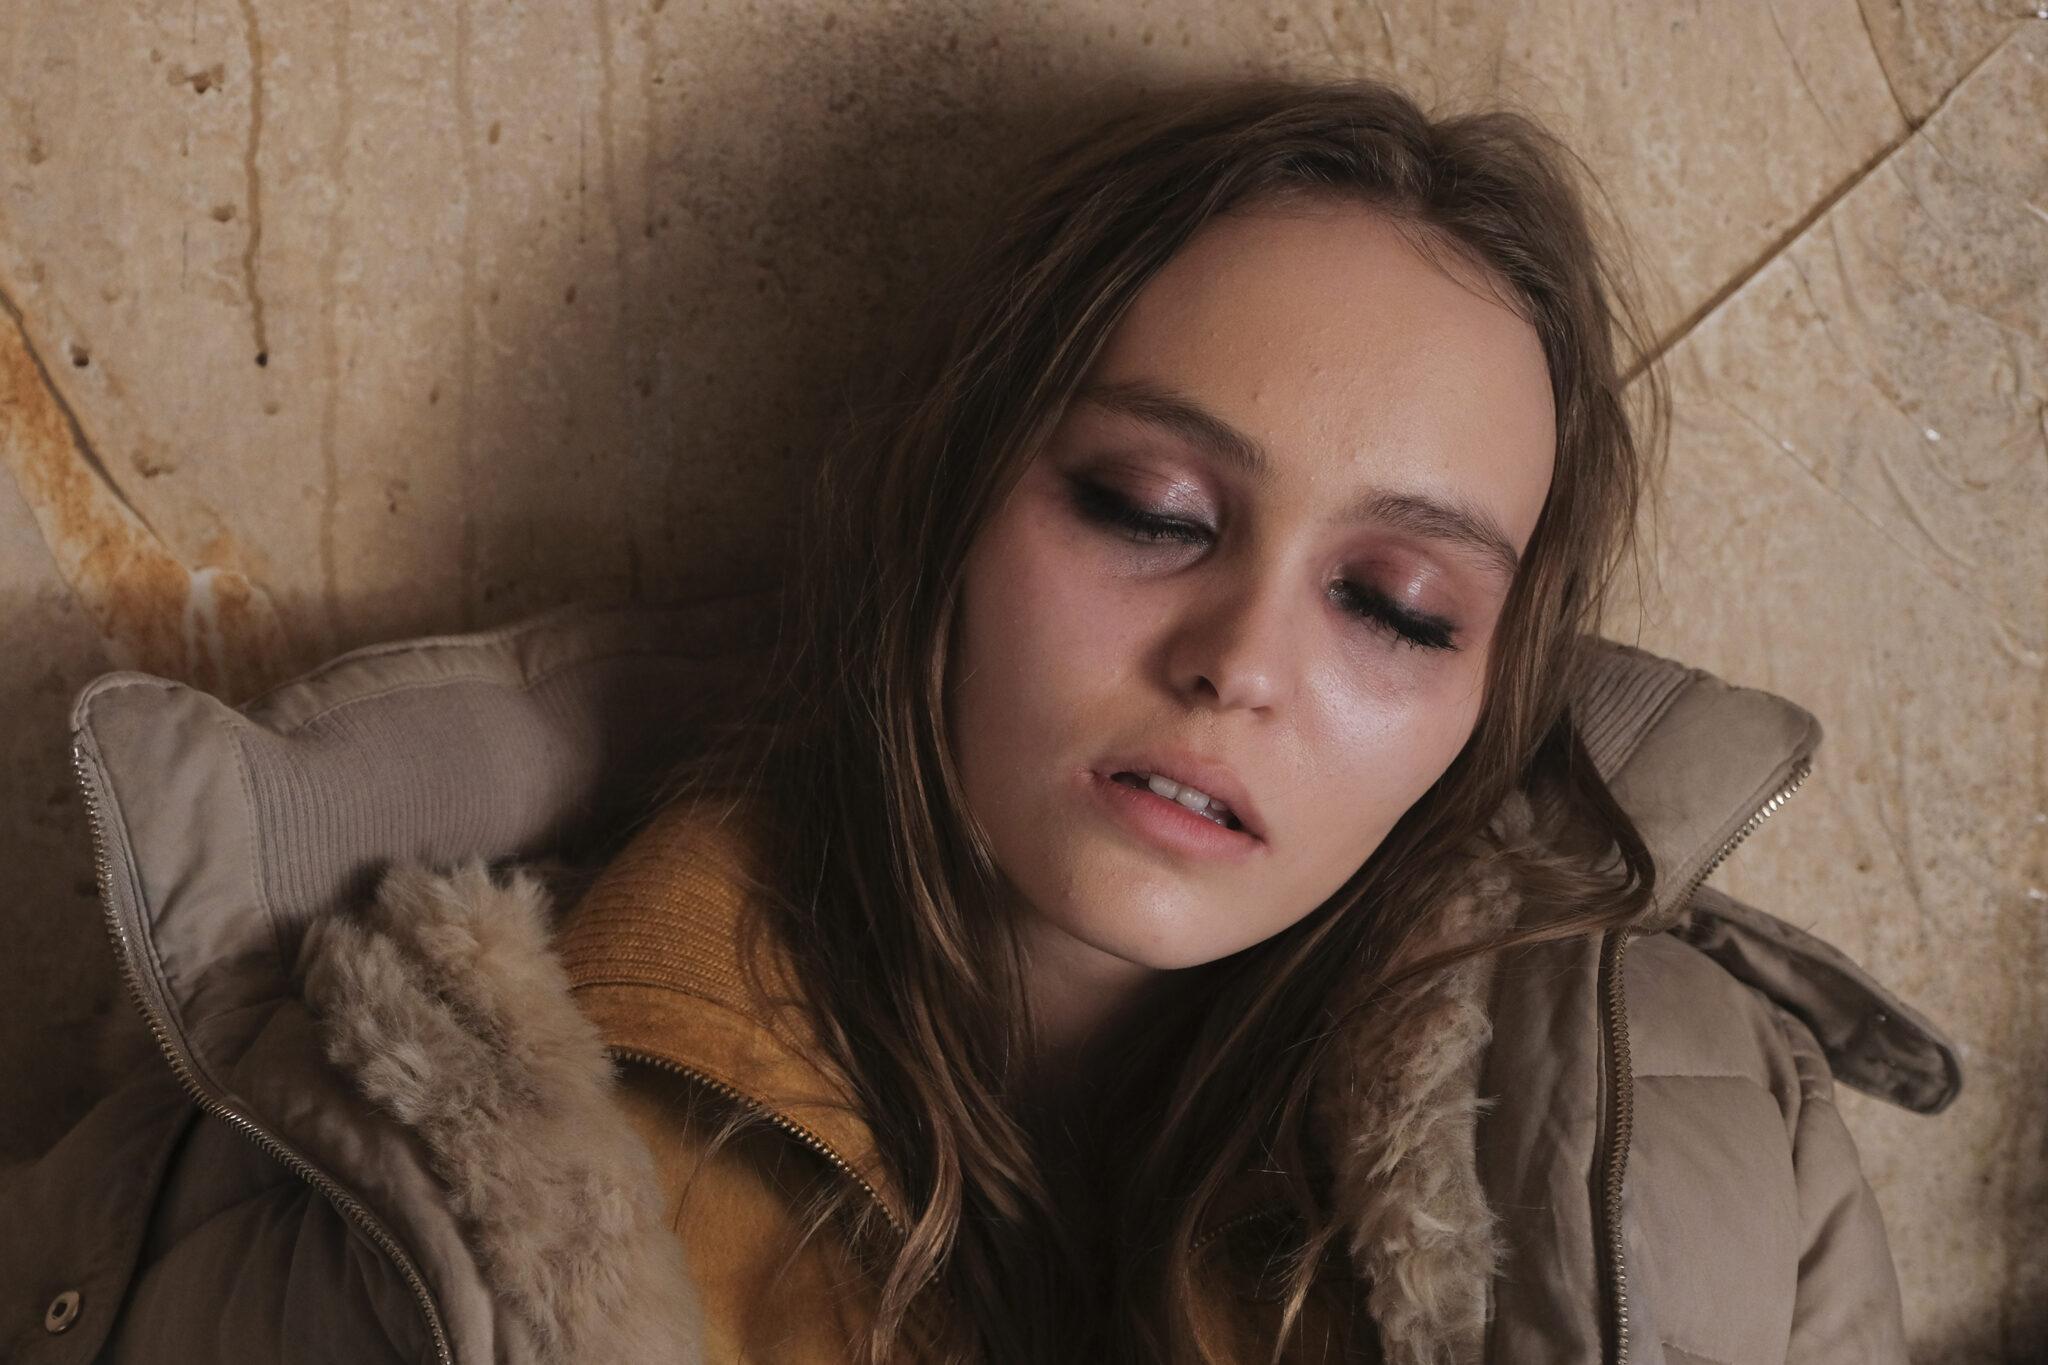 Emmie (Lily-Rose Depp) liegt bewusstlos auf dem Holzboden. Sie trägt eine gefütterte Winterjacke.